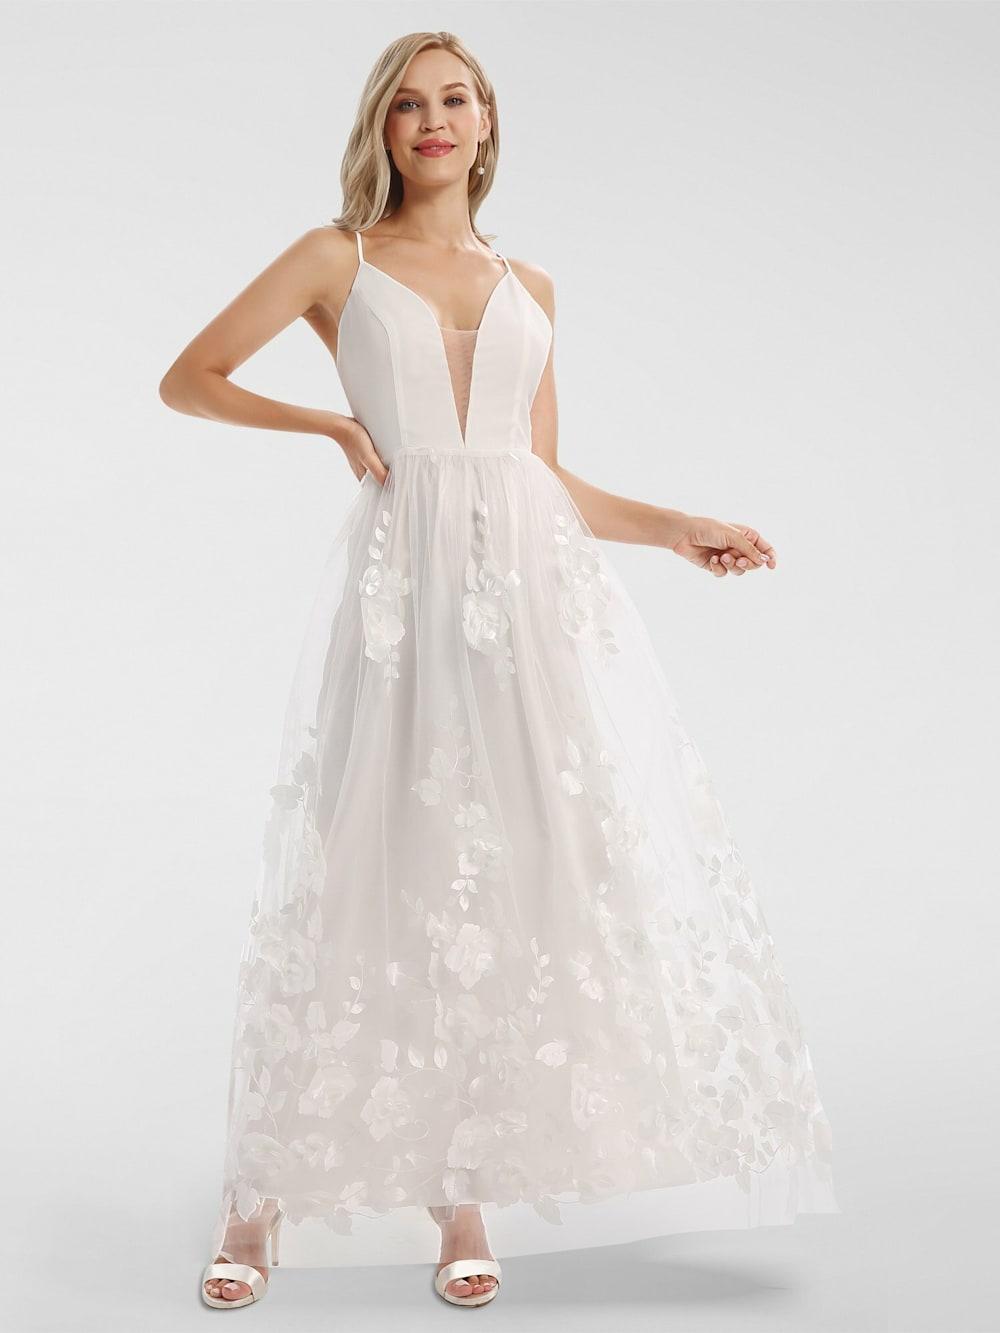 Bestellen brautkleider katalog Brautkleider online